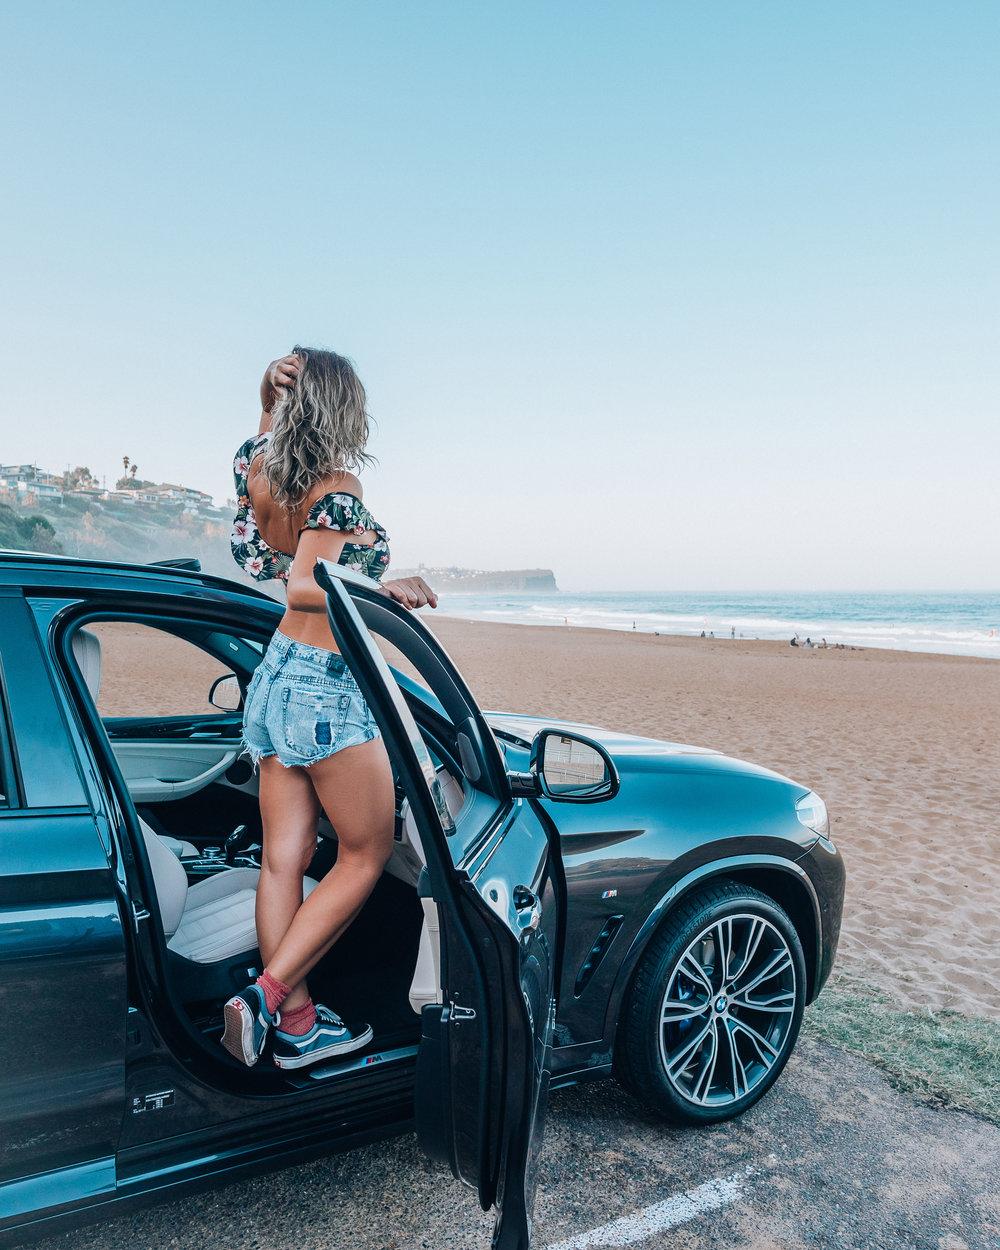 BMW-beach.jpg